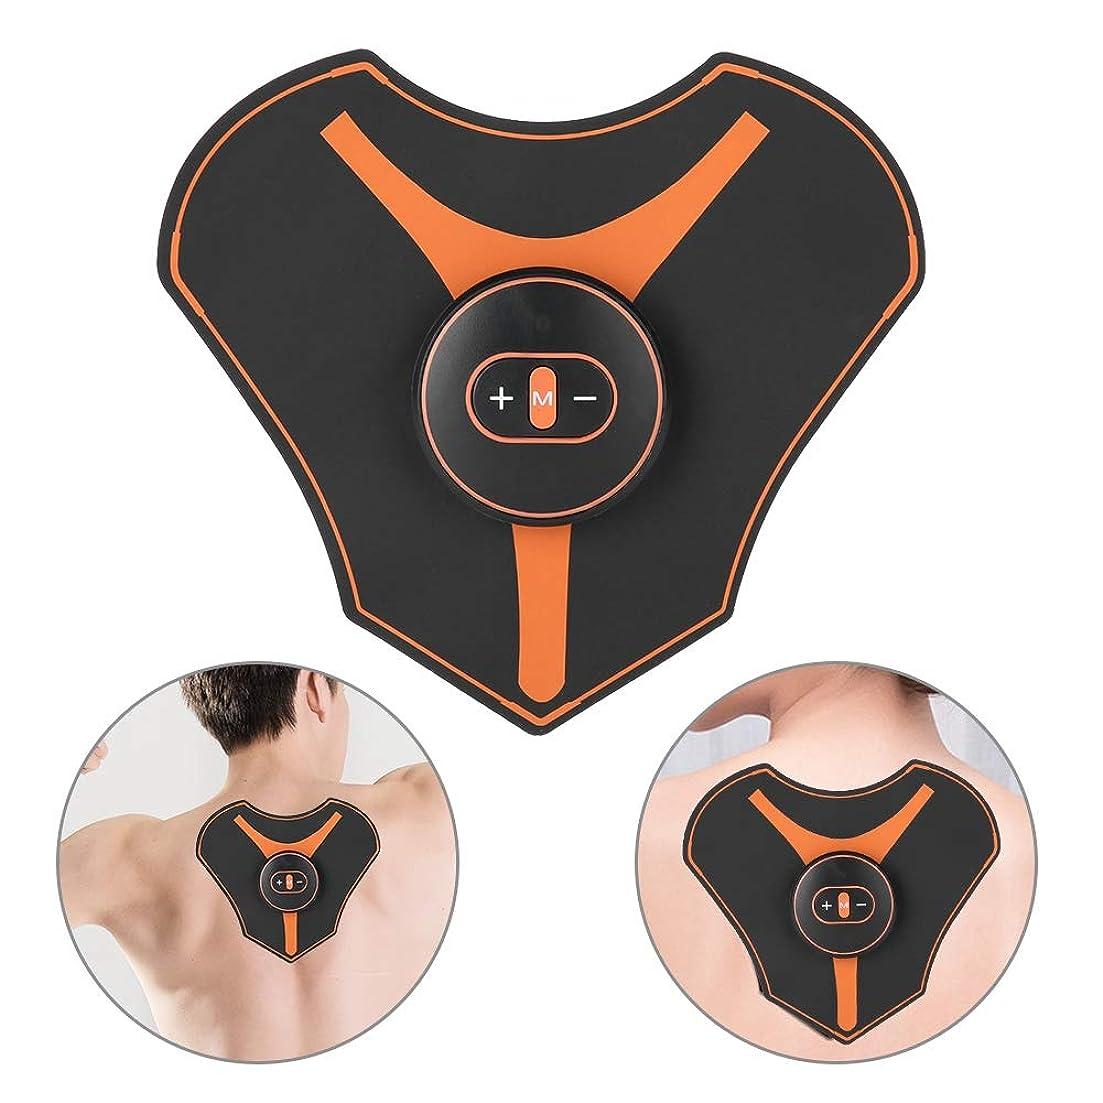 劣る発火する急性頸部マッサージパッド、ミニ頸部マッサージャー多機能ショルダーネックマッサージパッド頸椎は、肩、背中、足、足、体の筋肉痛のためにリラックスします